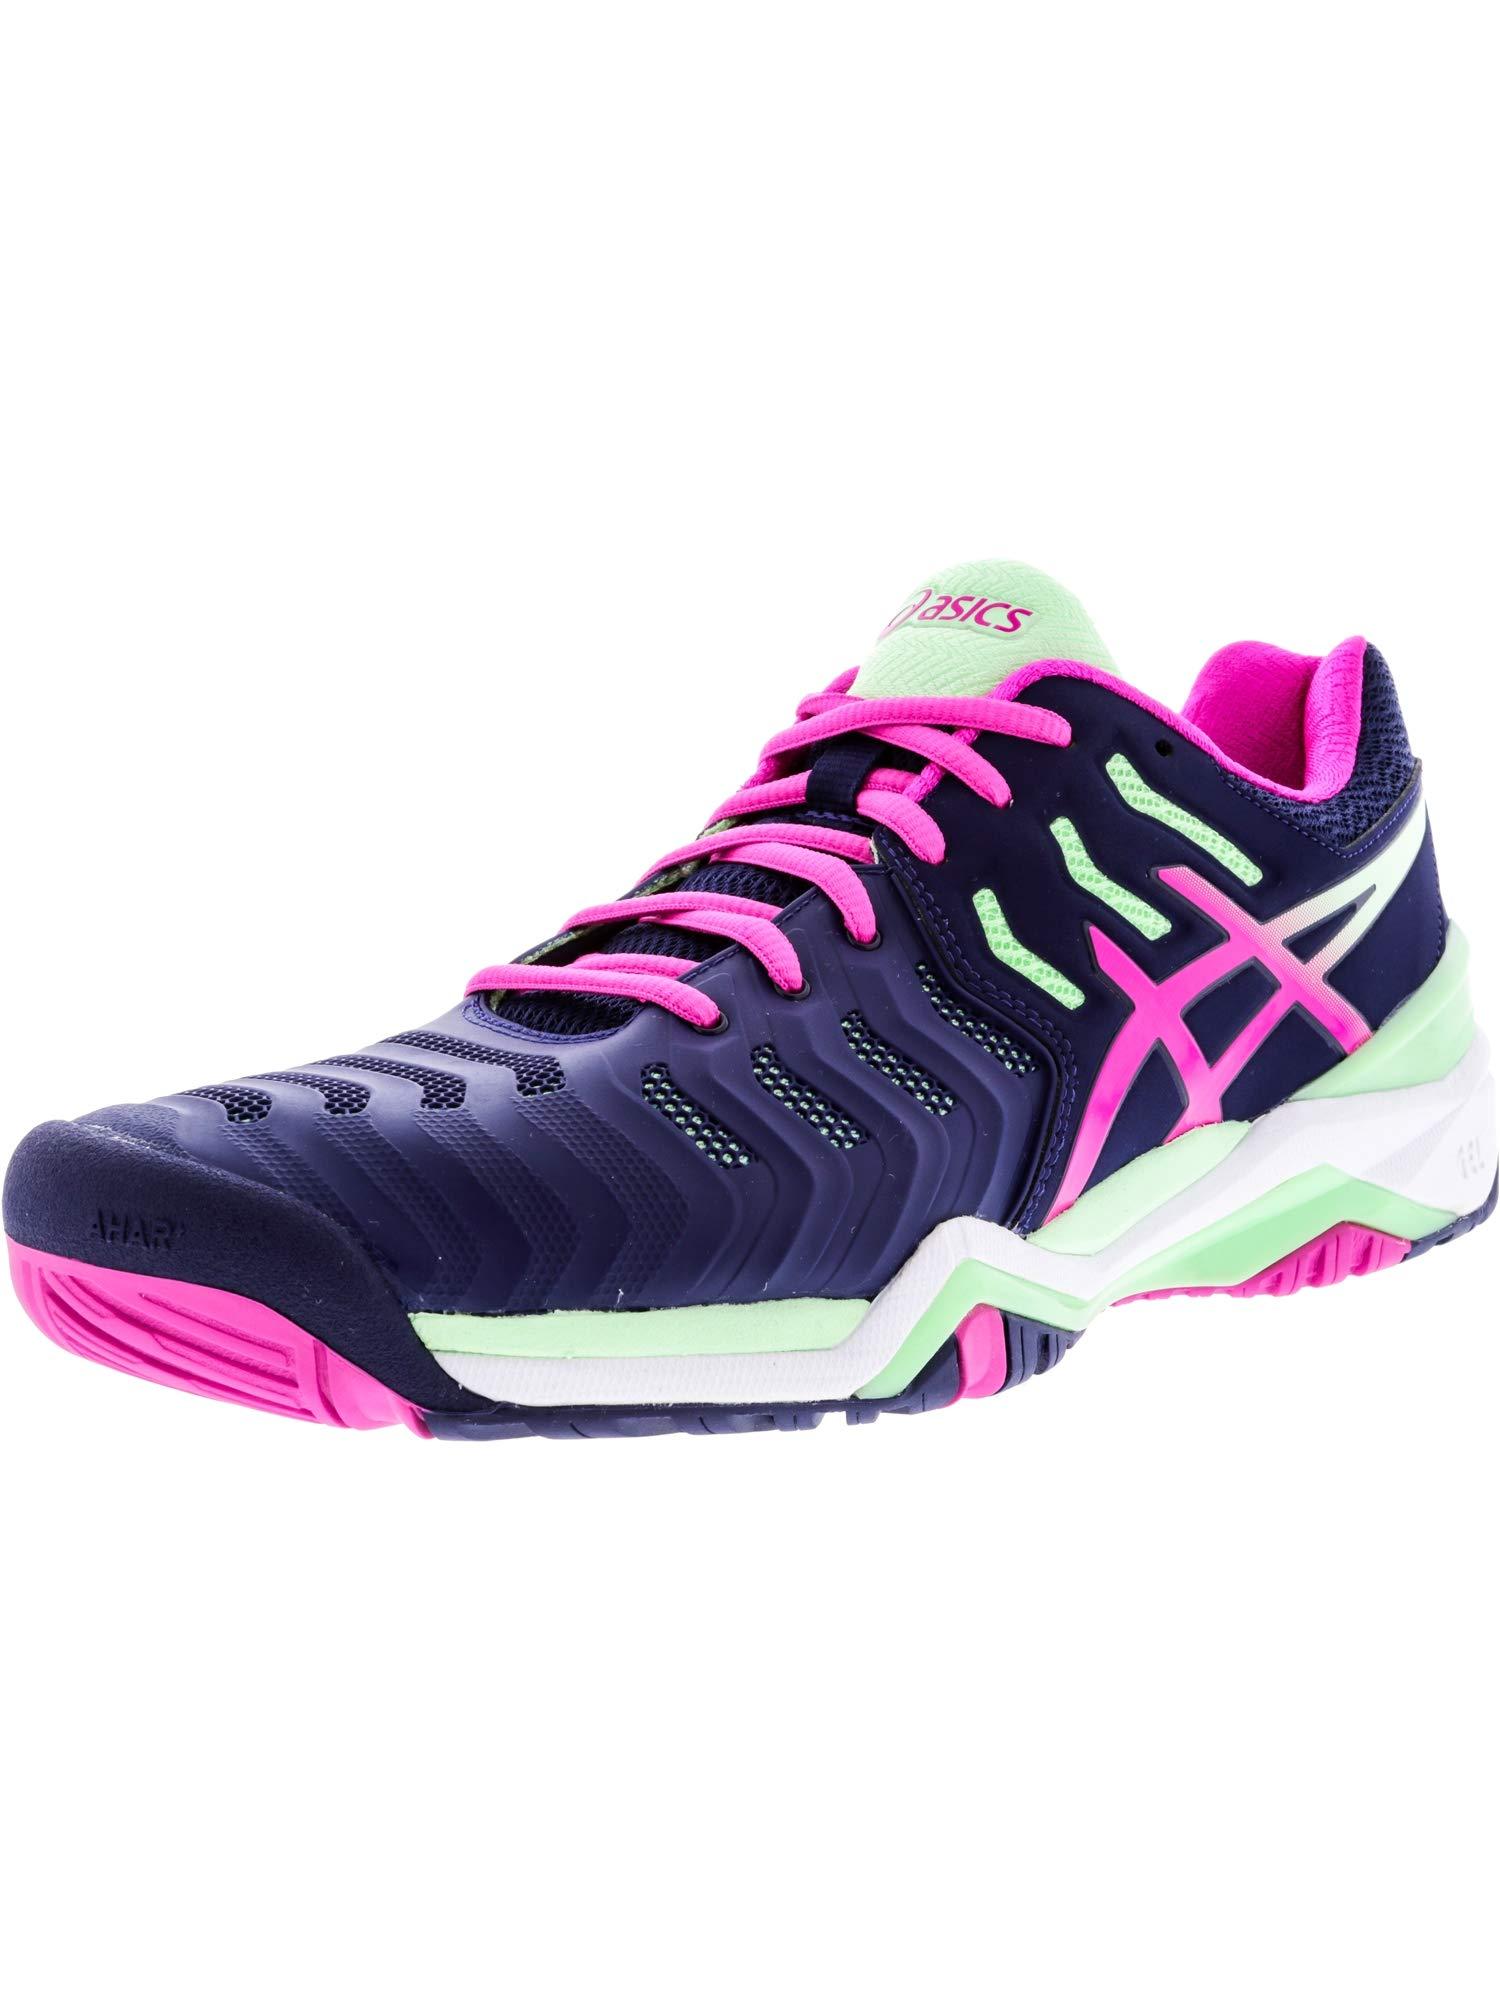 ASICS Women's Gel-Resolution 7 Tennis Shoe, Indigo Blue/Pink Glow/Paradise Green, 5 M US